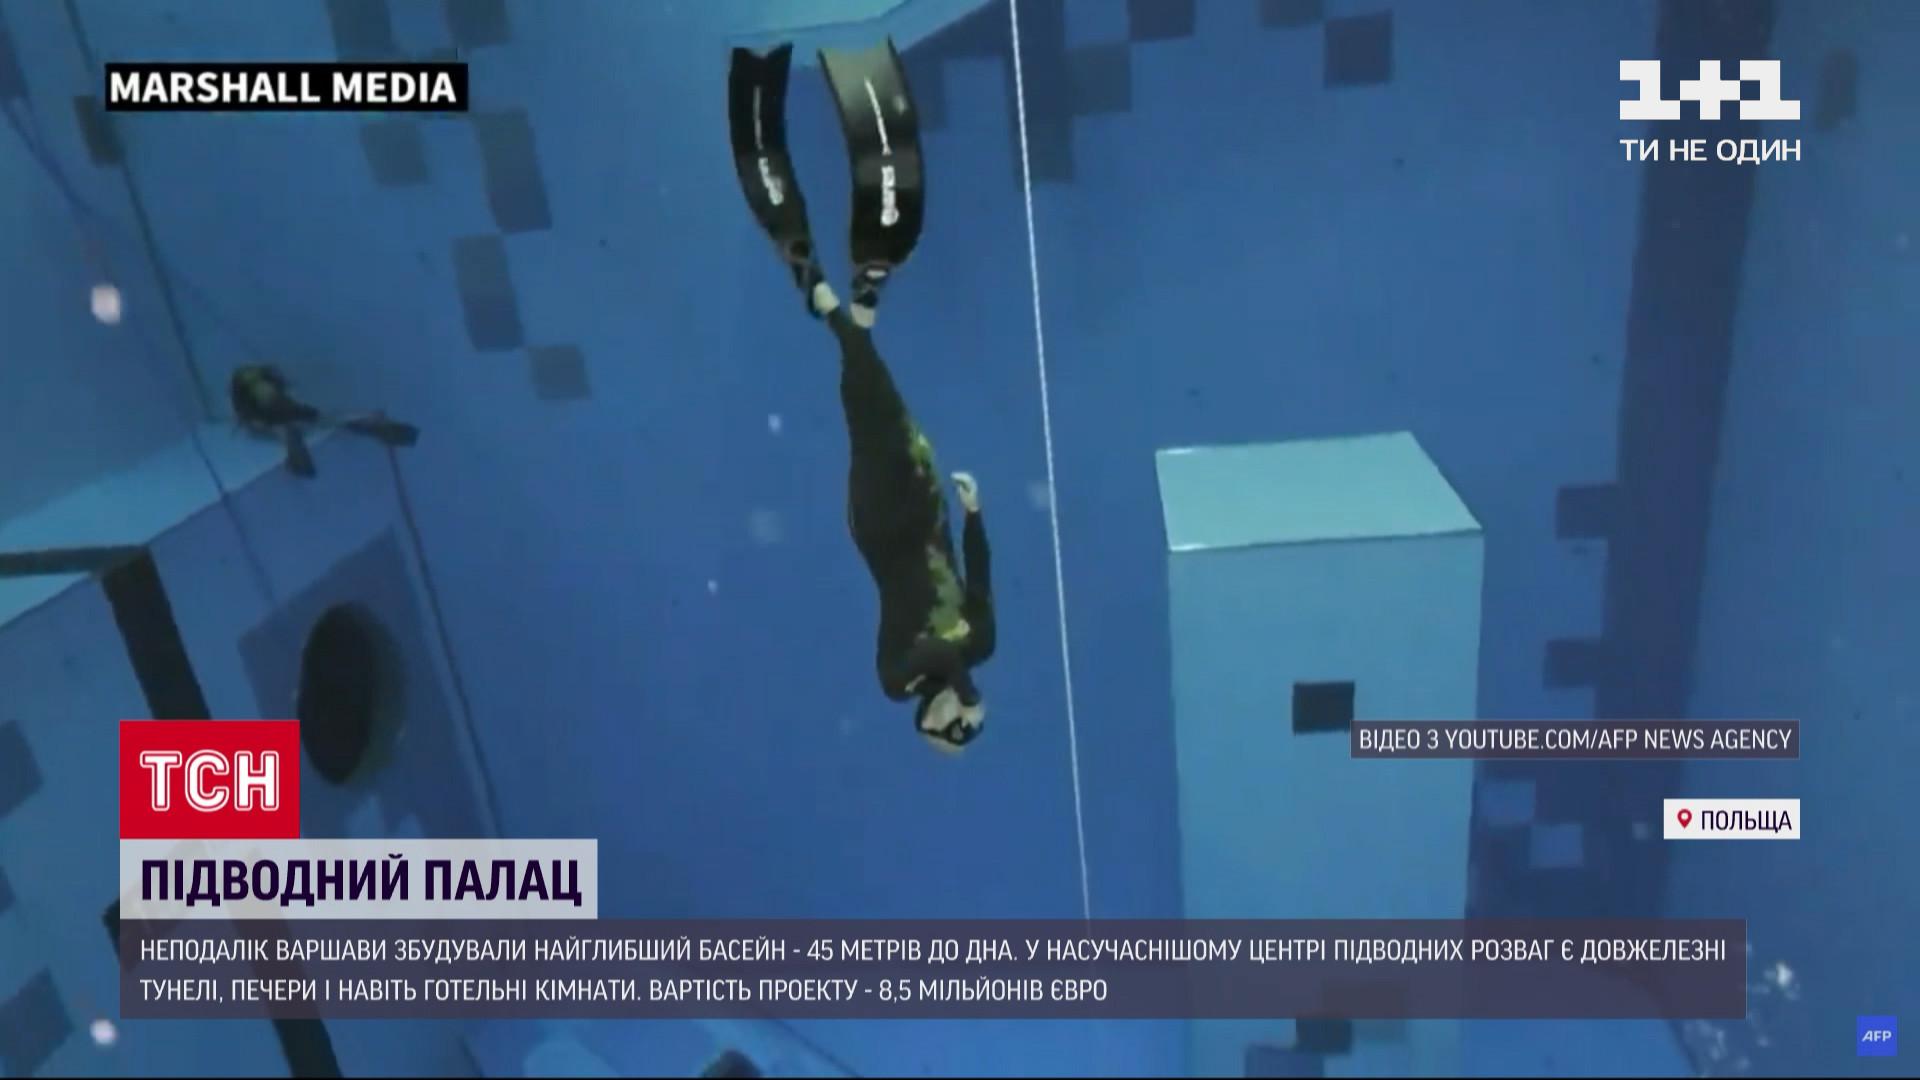 Басейн має глибину 45 метрів/ скріншот з відео